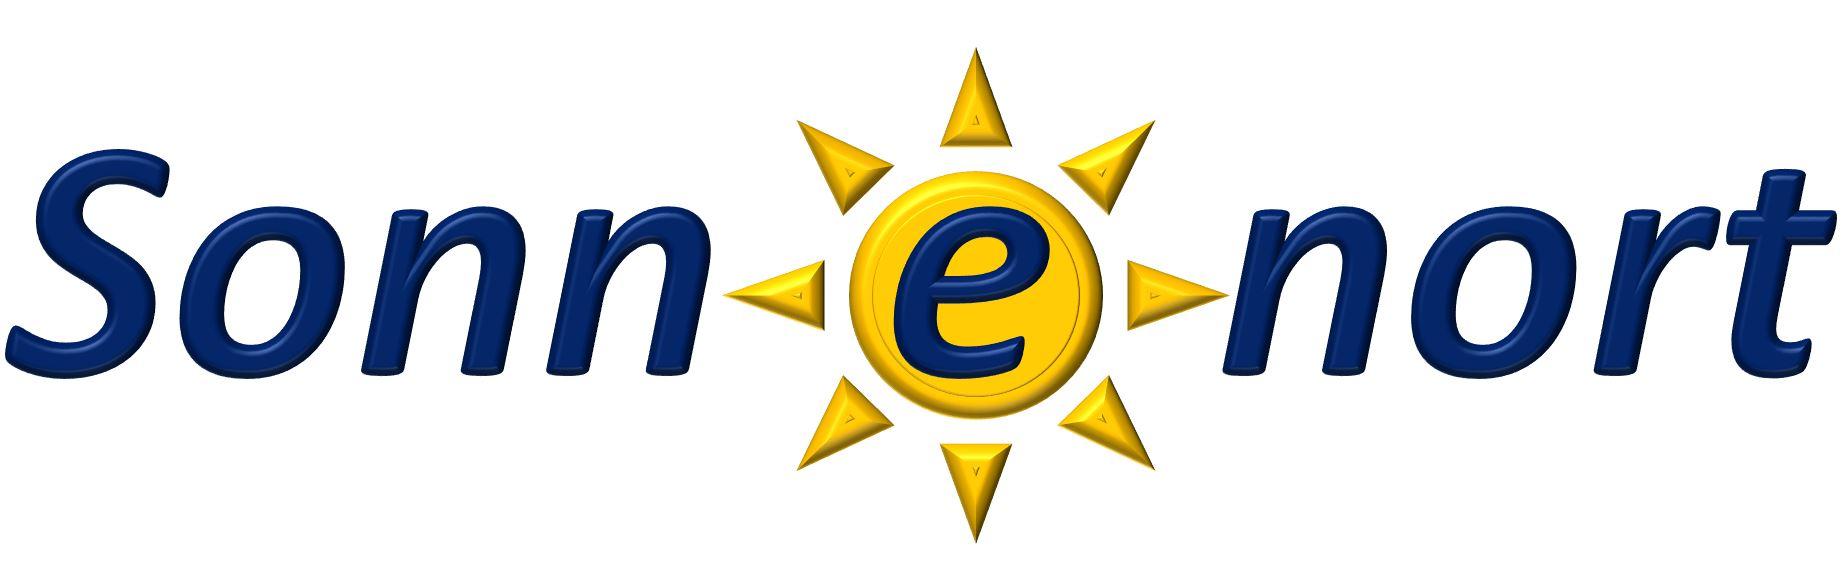 Peter Kropmeier-Logo